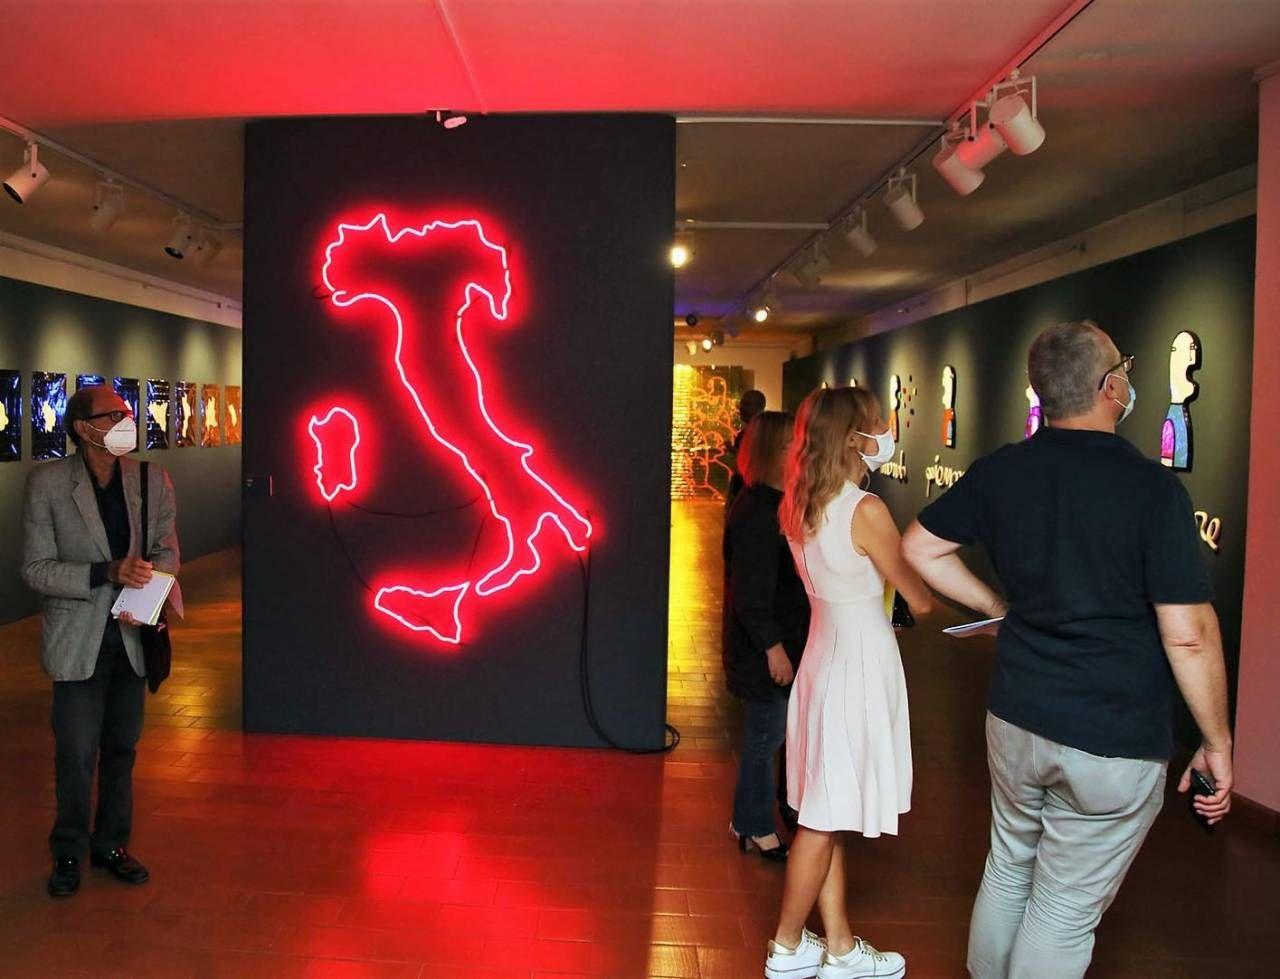 Alcune delle installazioni di Duse al centro della sala grande della mostra